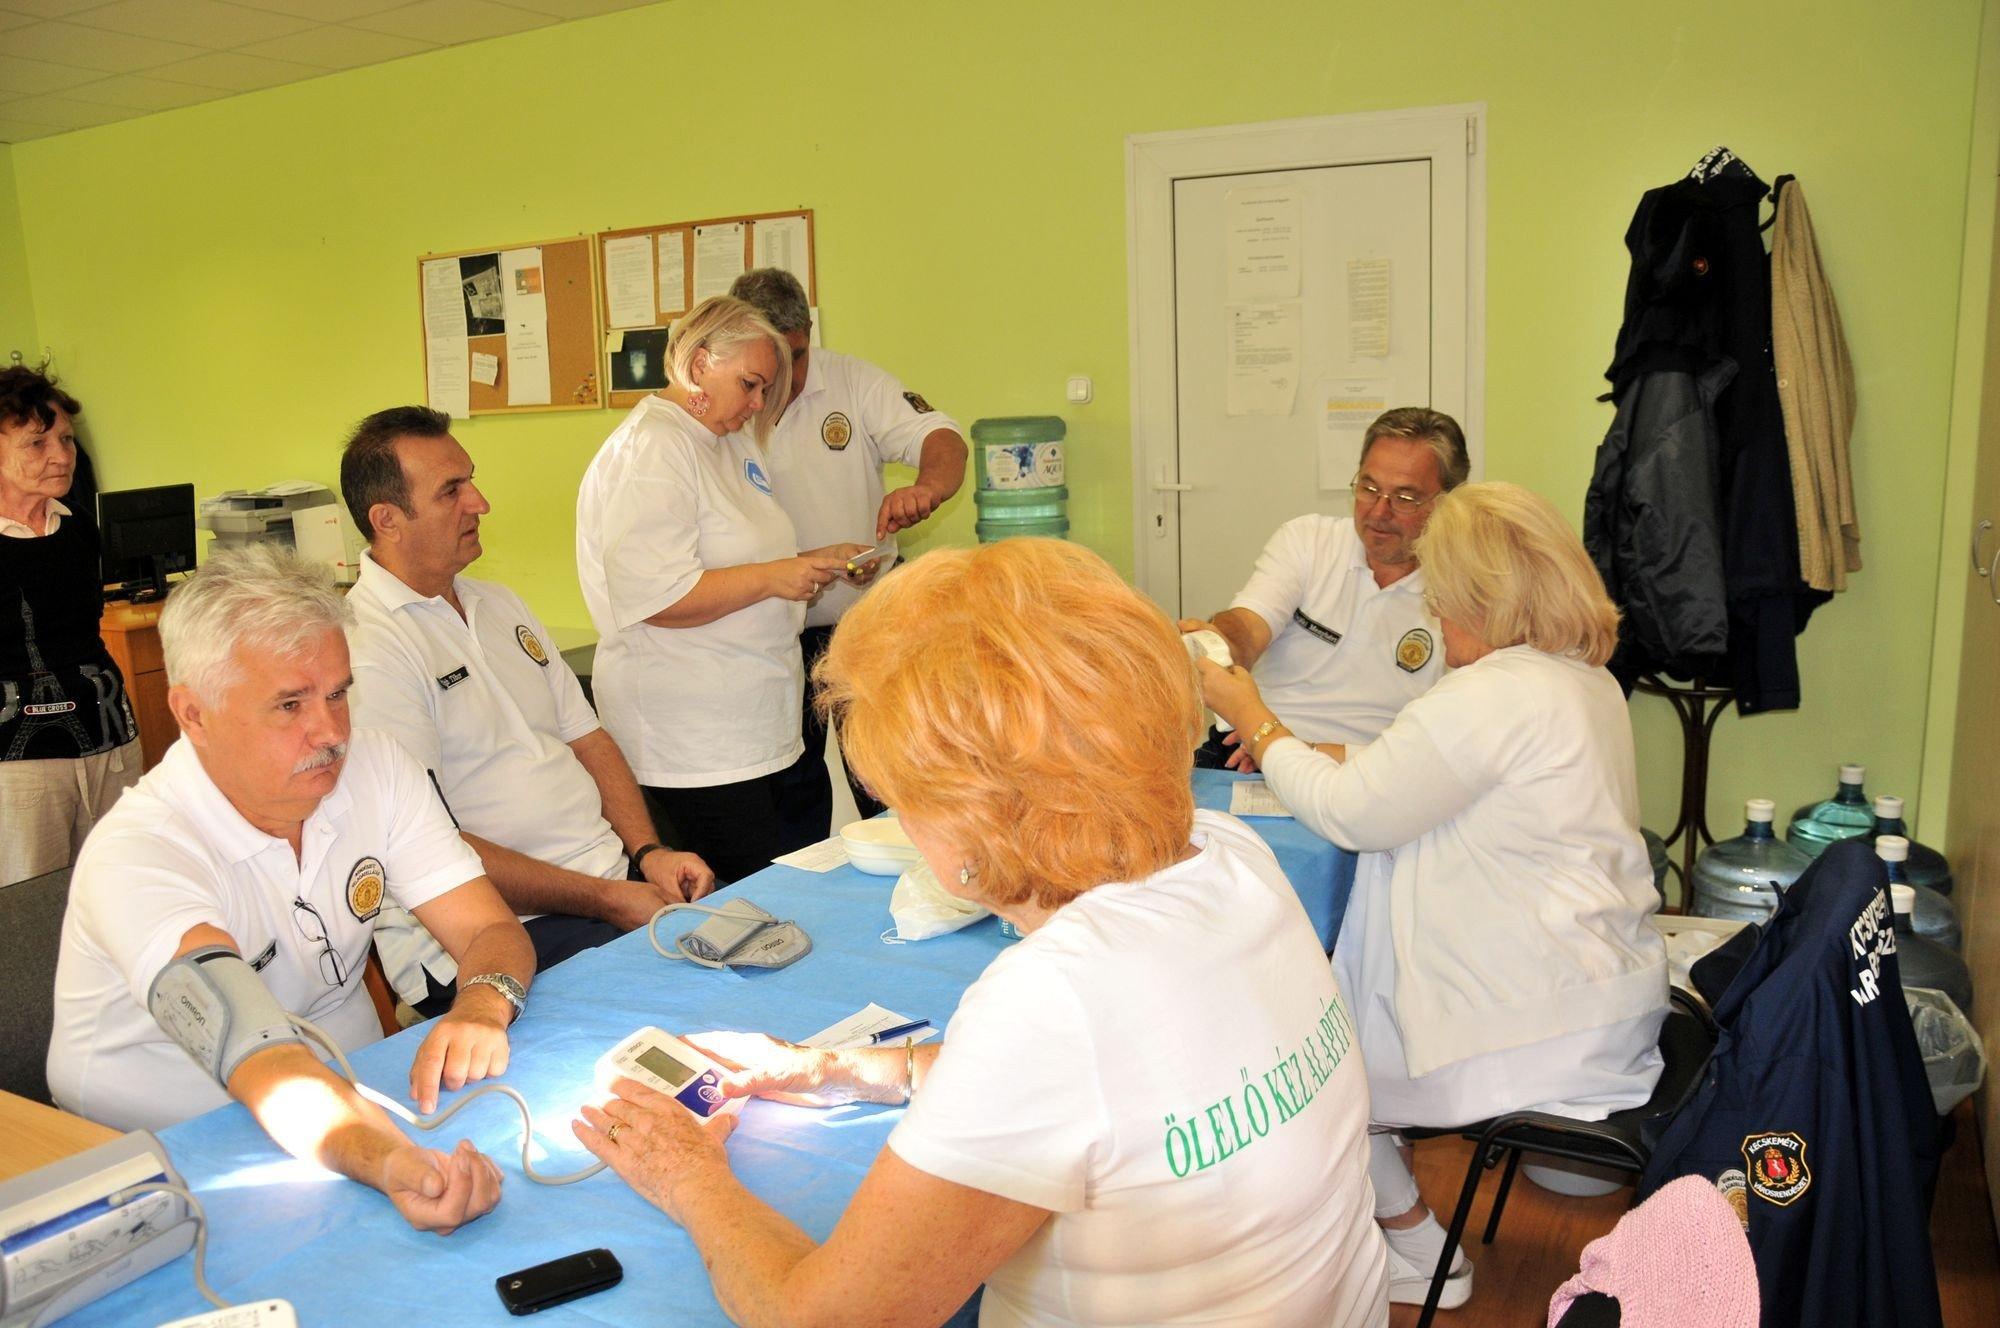 Az Ölelő Kéz Alapítvány segít a dolgozók egészségügyi vizsgálatában